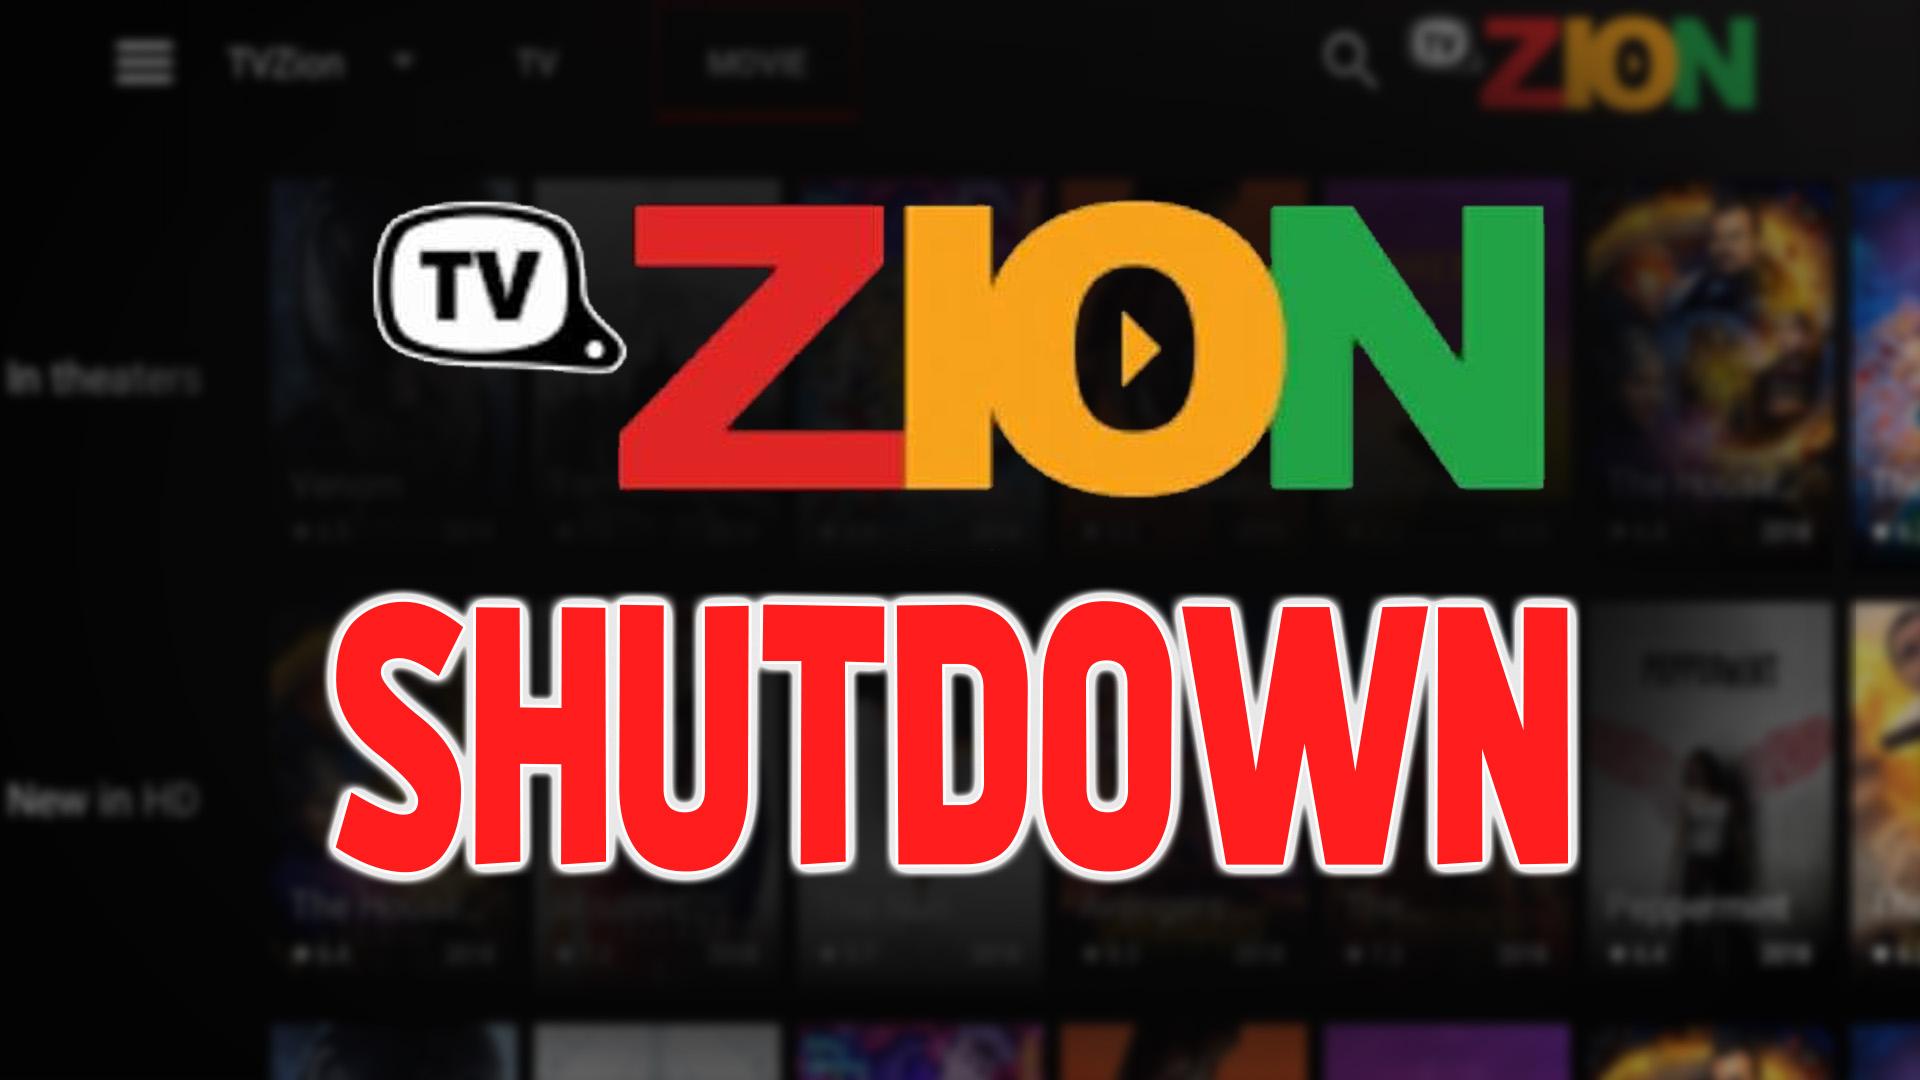 TVZion Shutdown